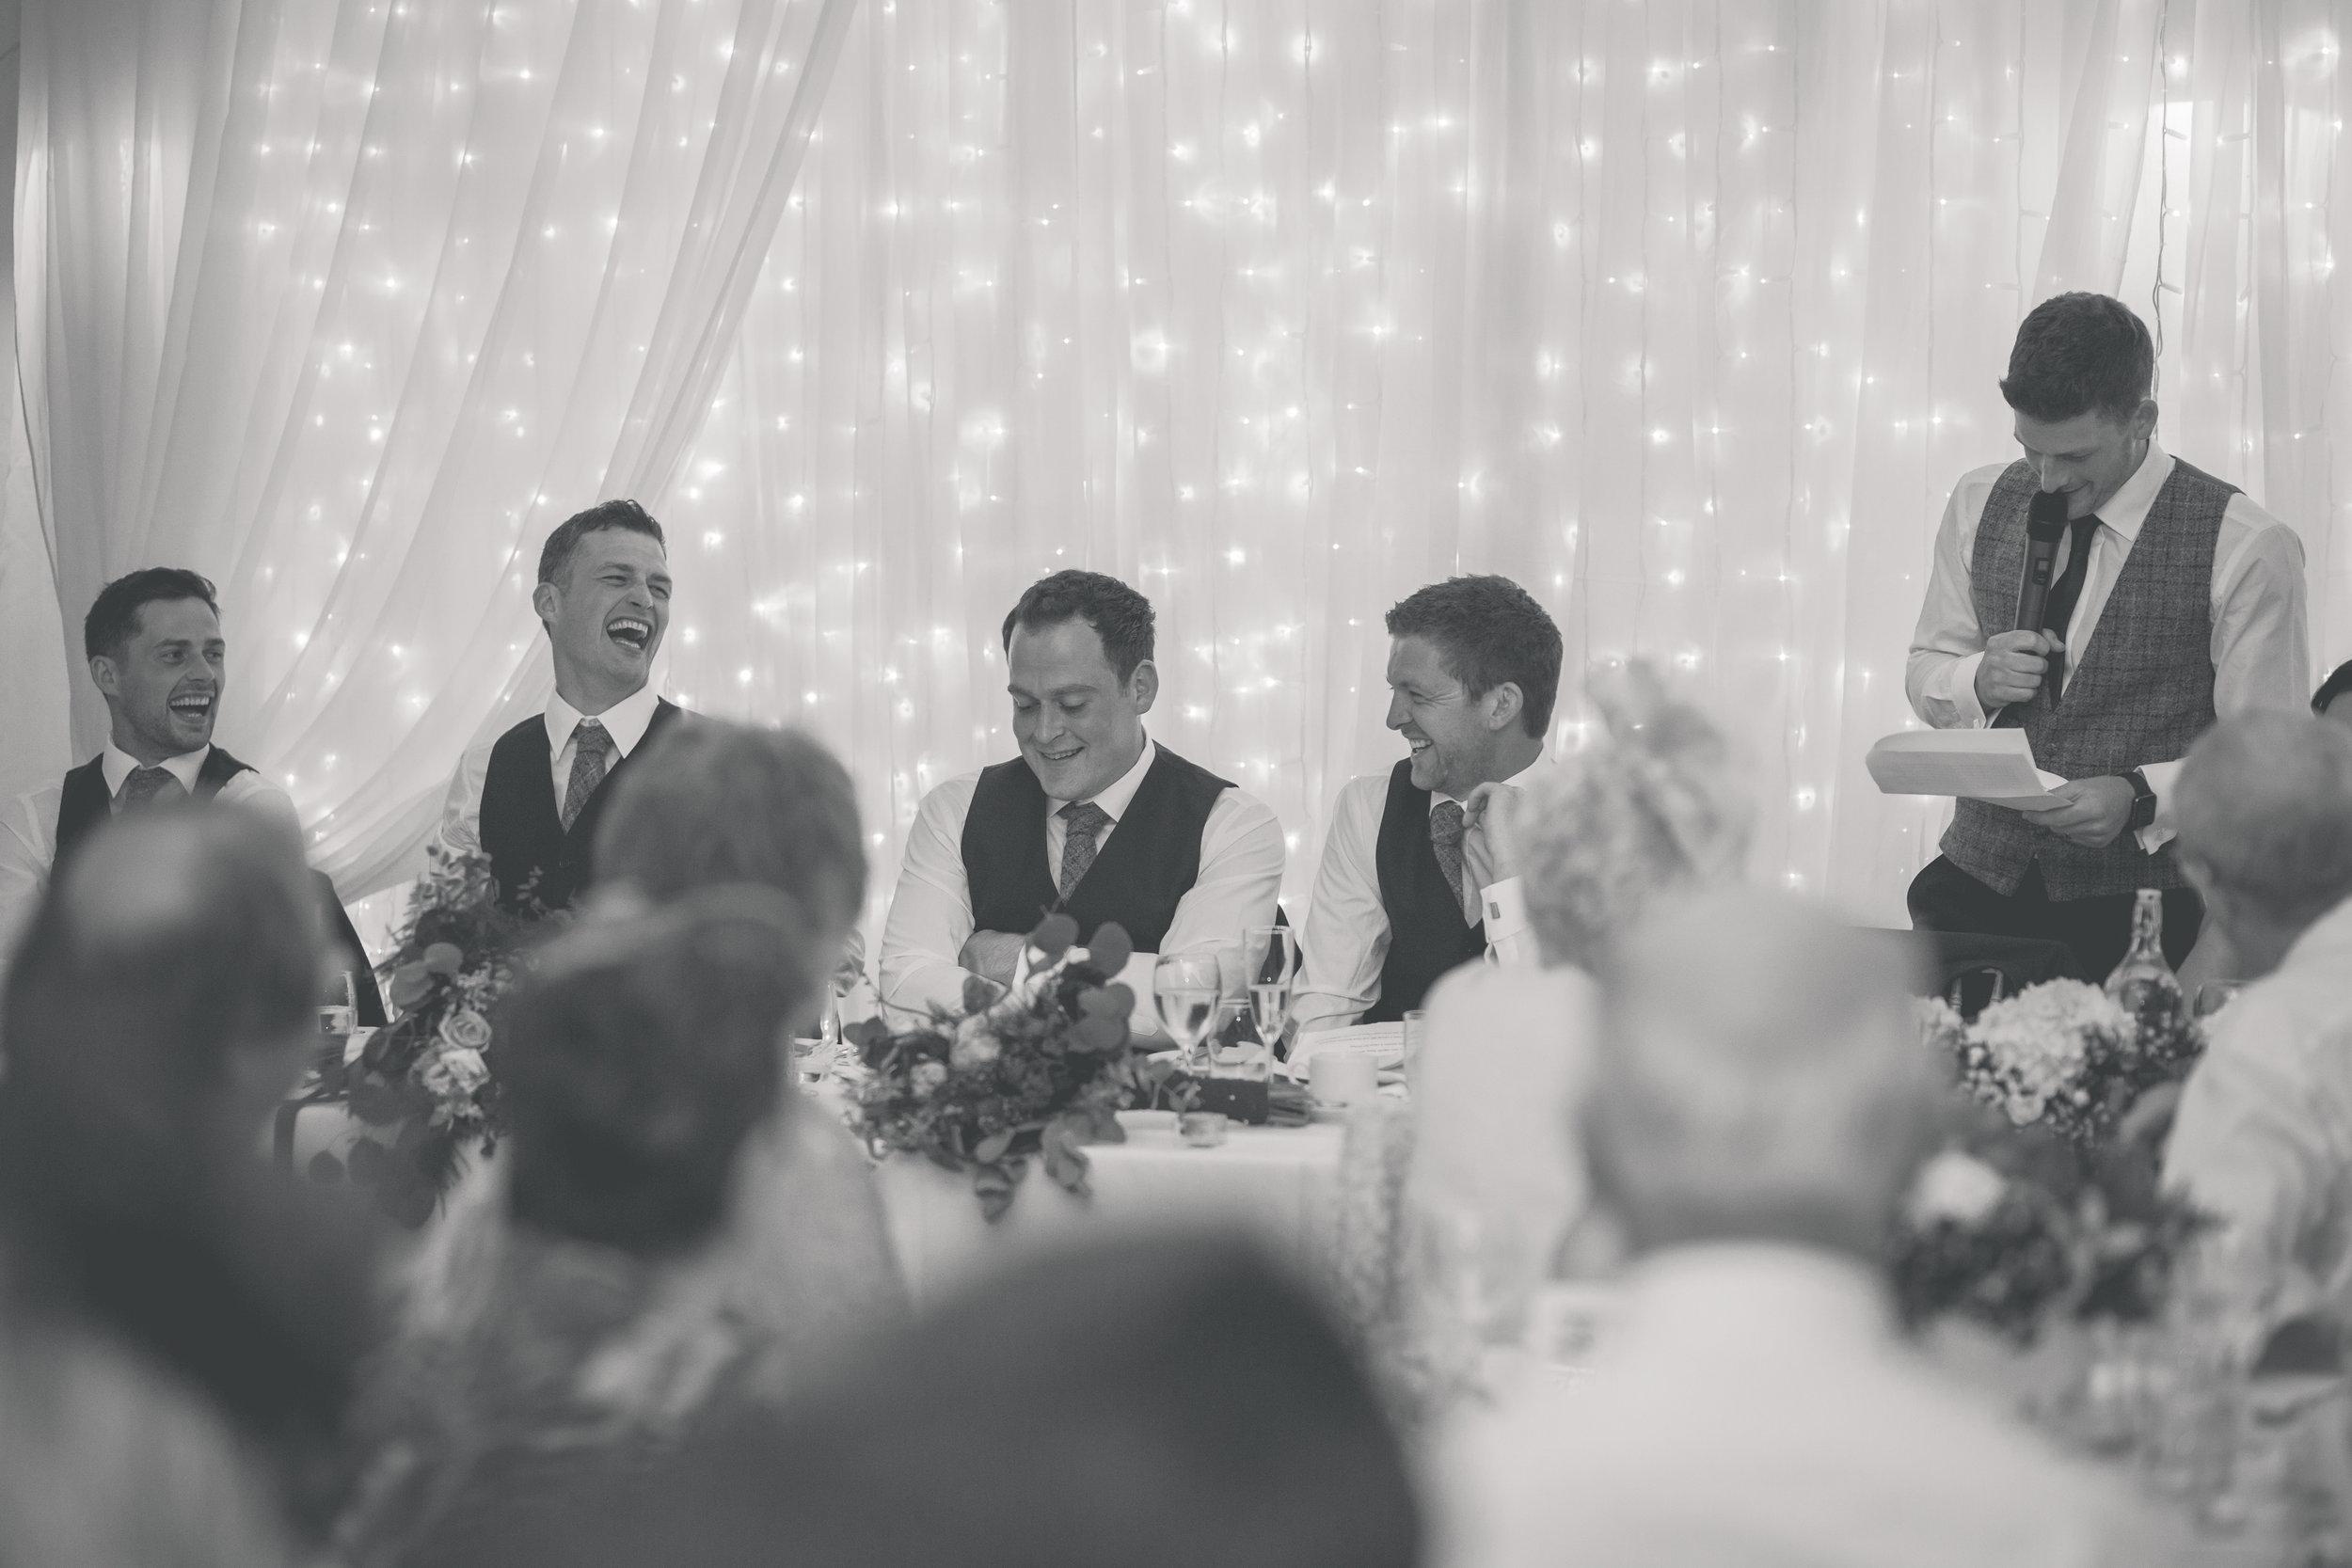 Brian McEwan Wedding Photography | Carol-Anne & Sean | The Speeches-77.jpg